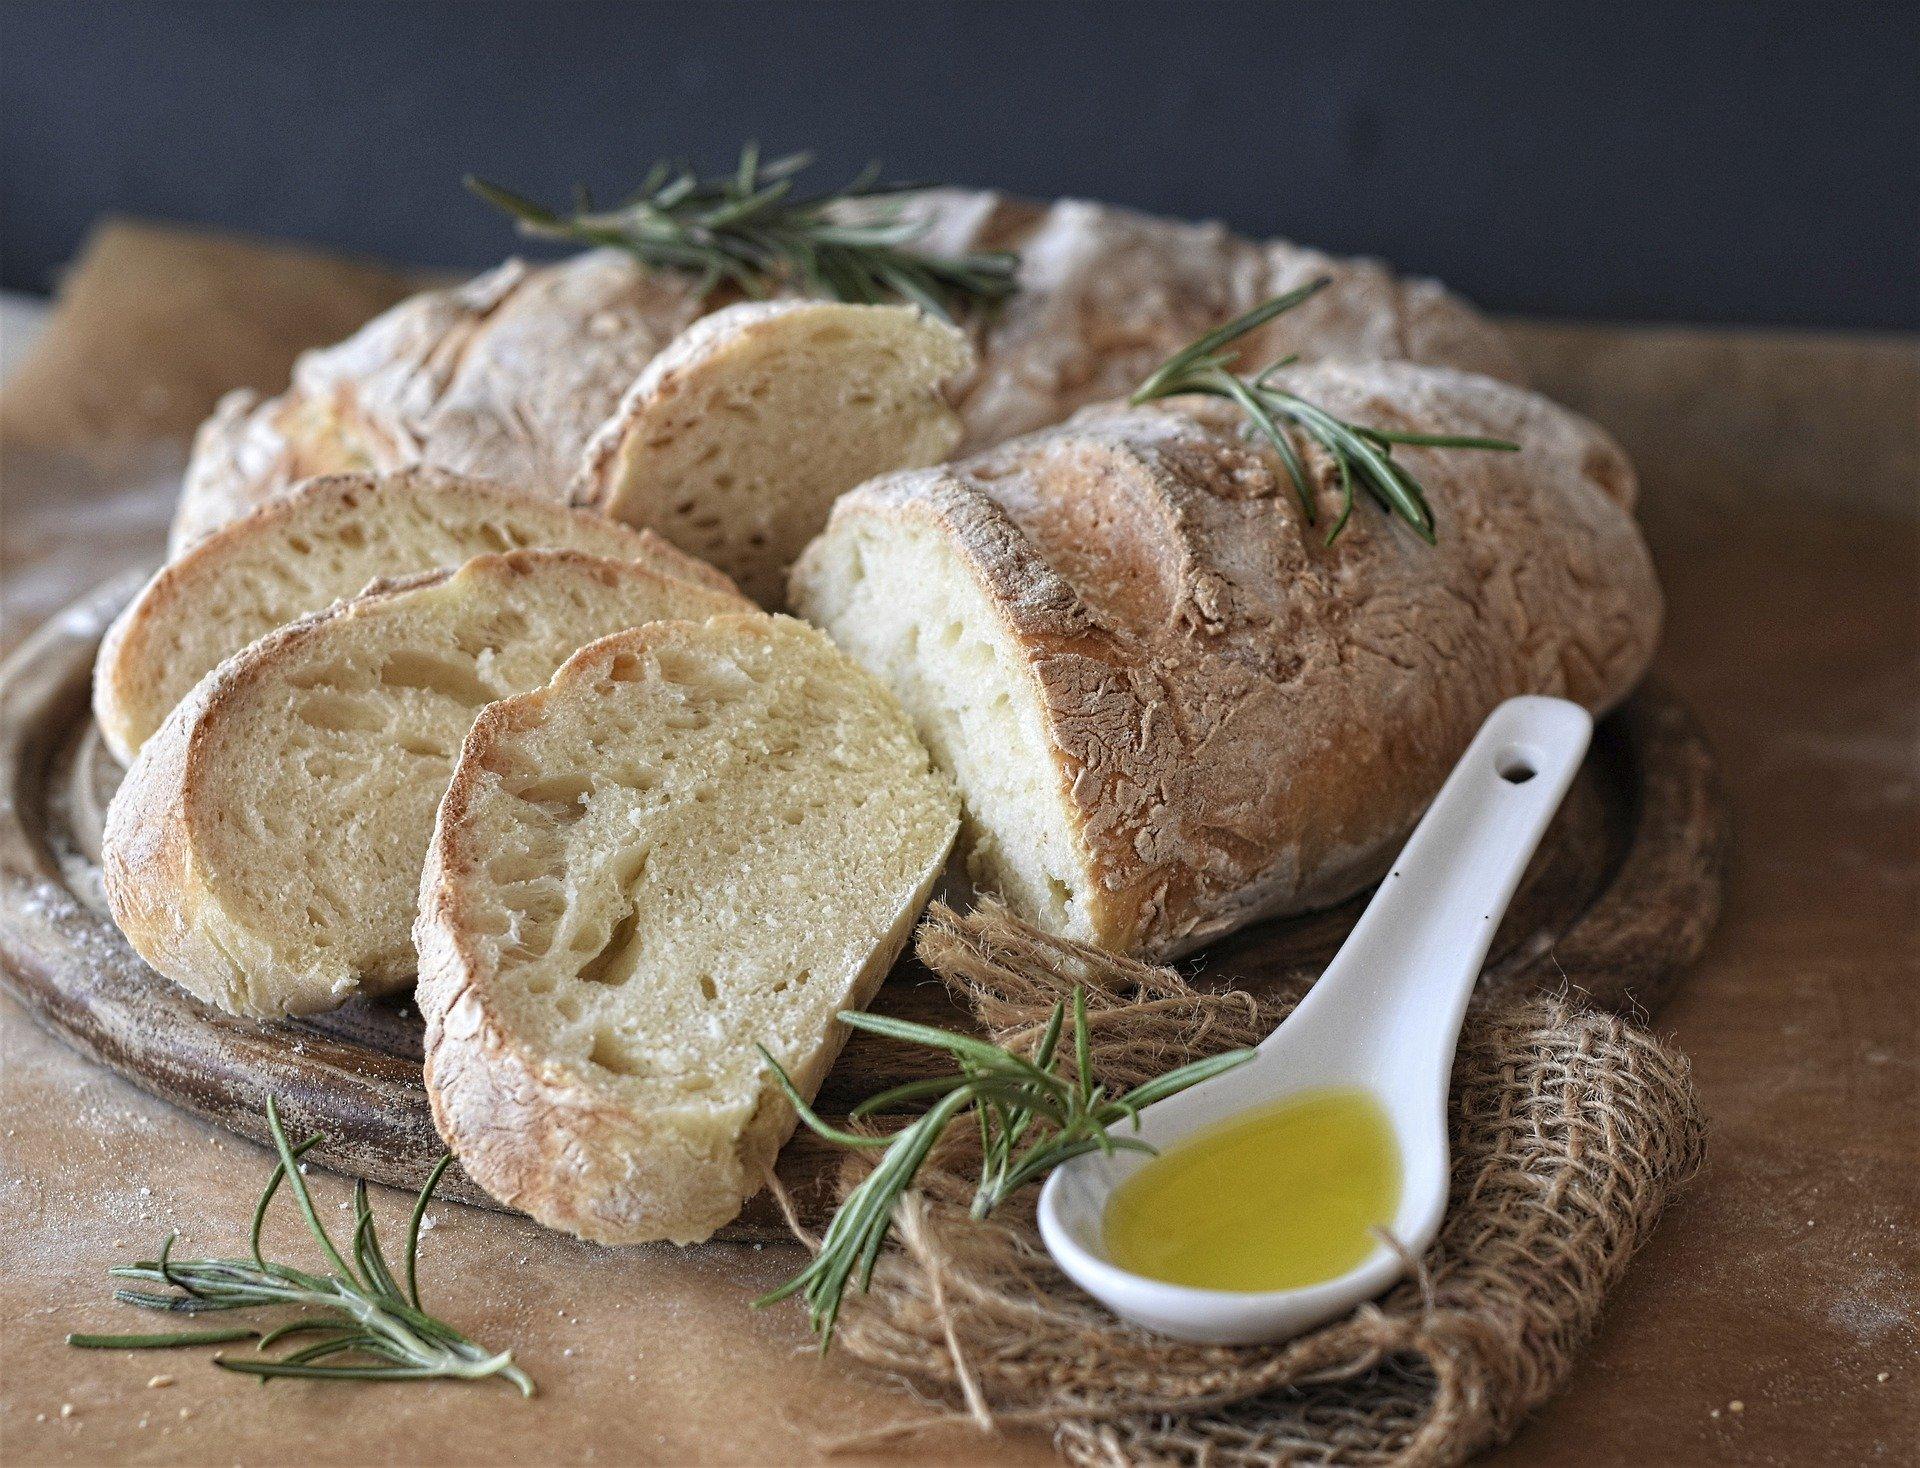 Домашен хляб, поднесен с розмарин и зехтин.